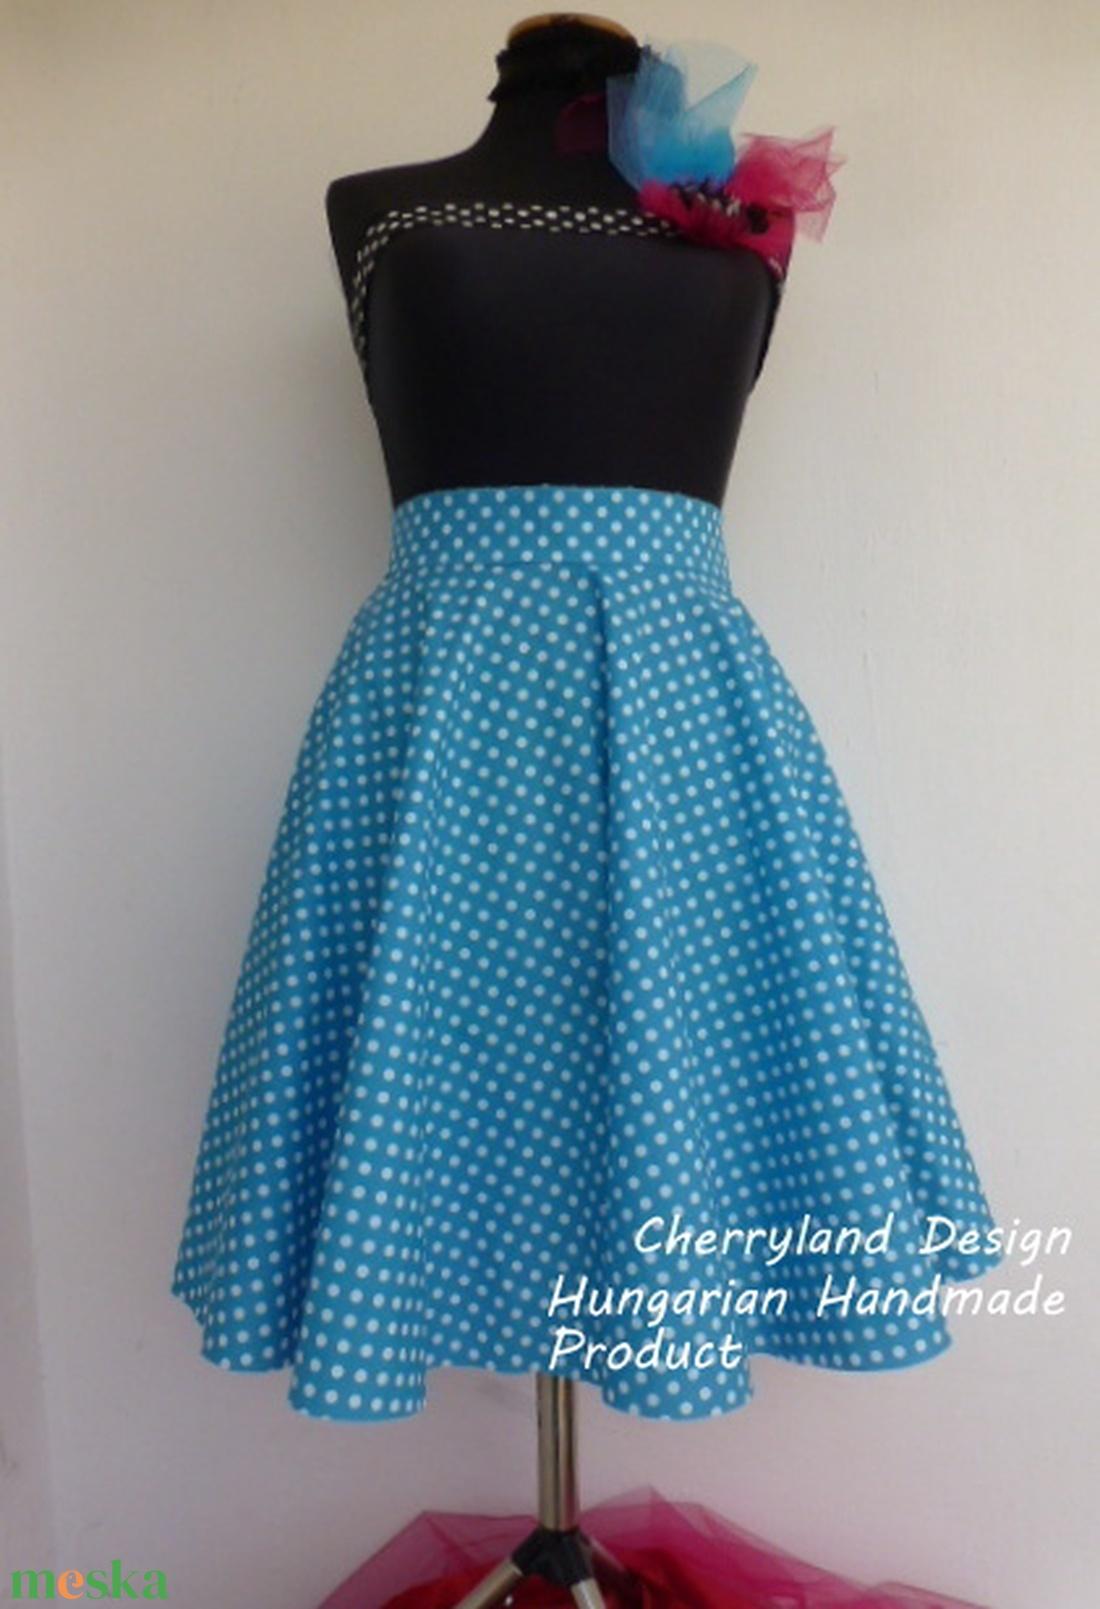 Cherryland Design Kék-Fehér  pöttyös rockabilly szoknya. - Meska.hu